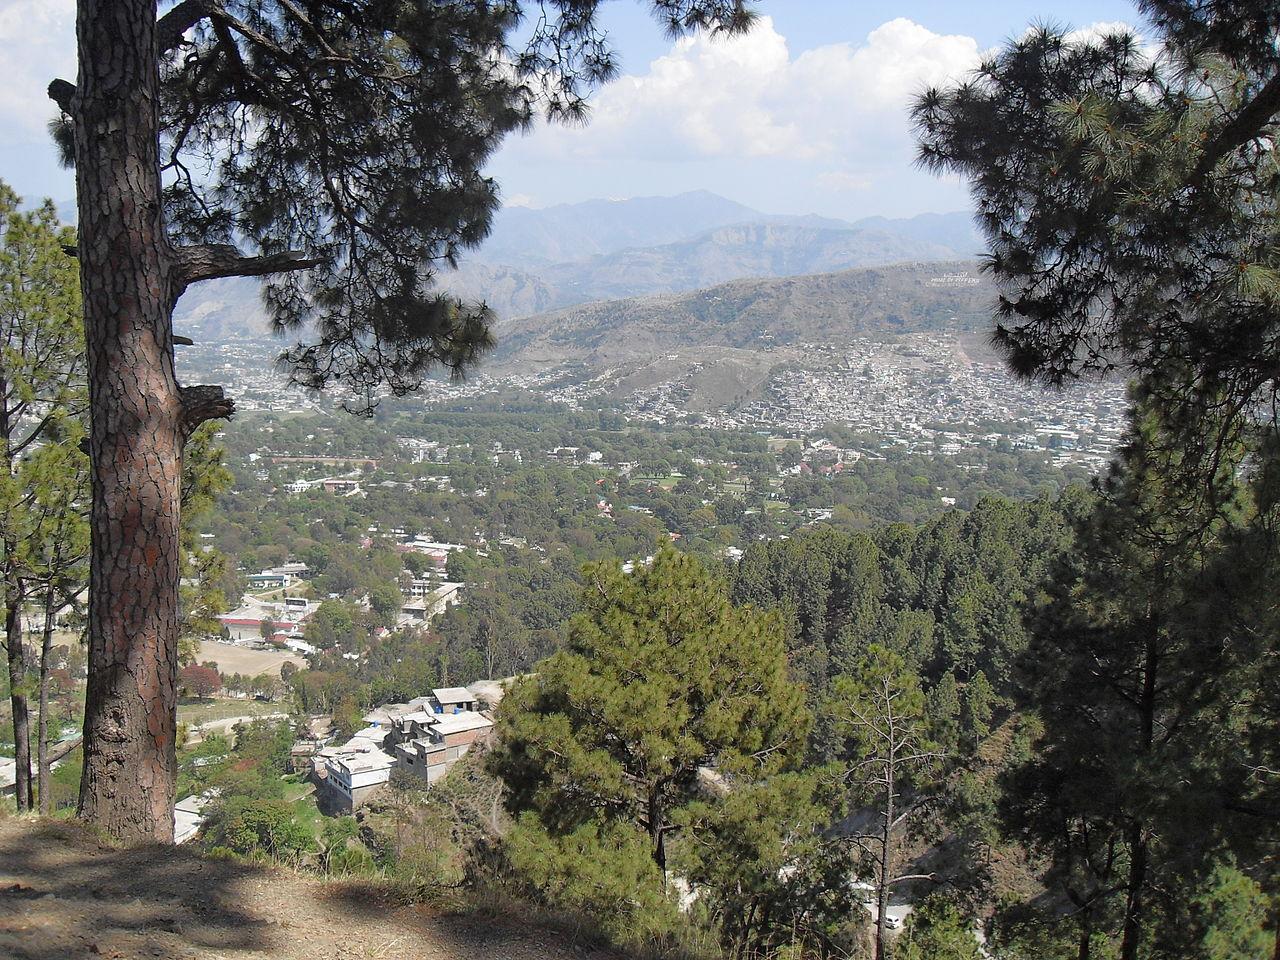 1280px-Abbottabad_View